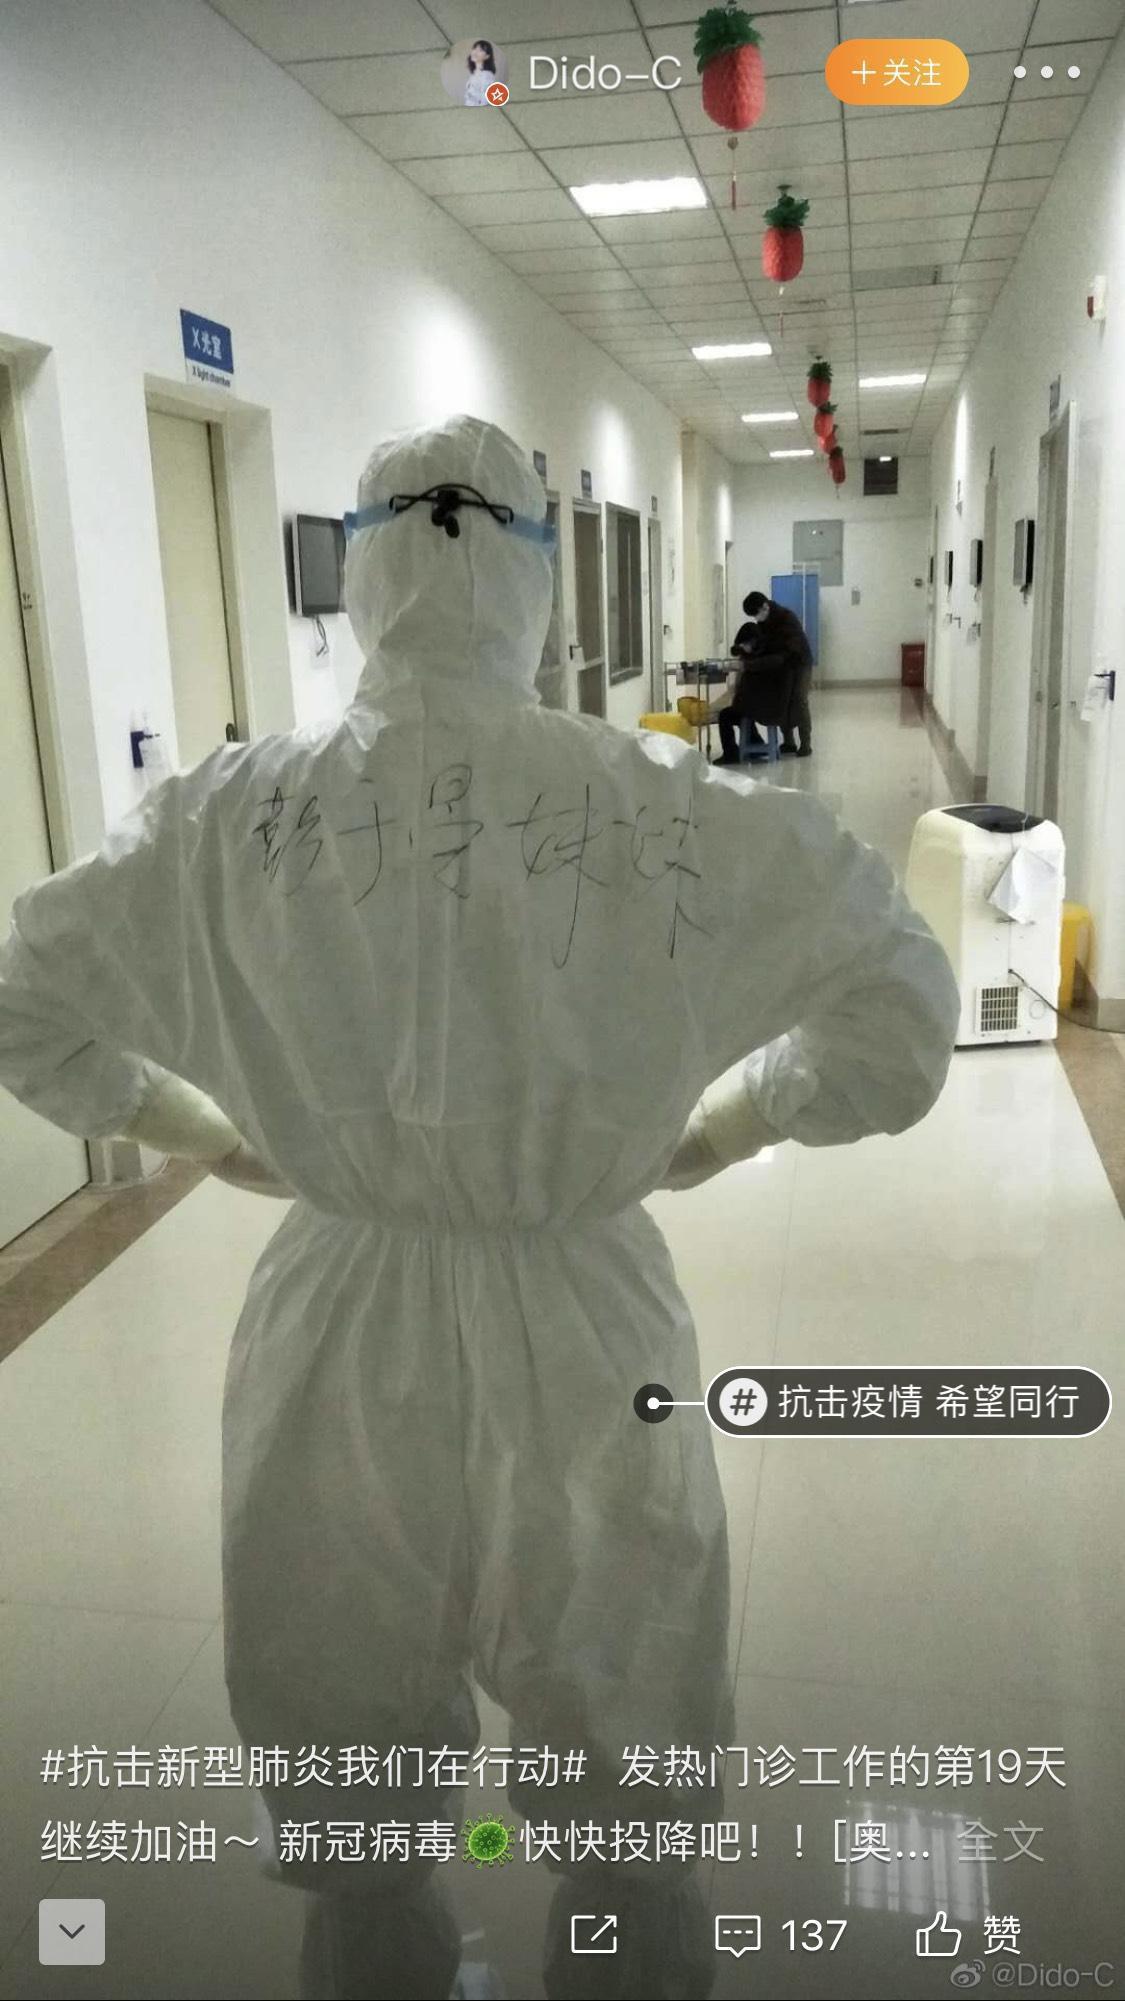 醫護粉絲在自己的防護衣寫上「彭于晏妹妹」。(翻攝自陳佳鳳微博)